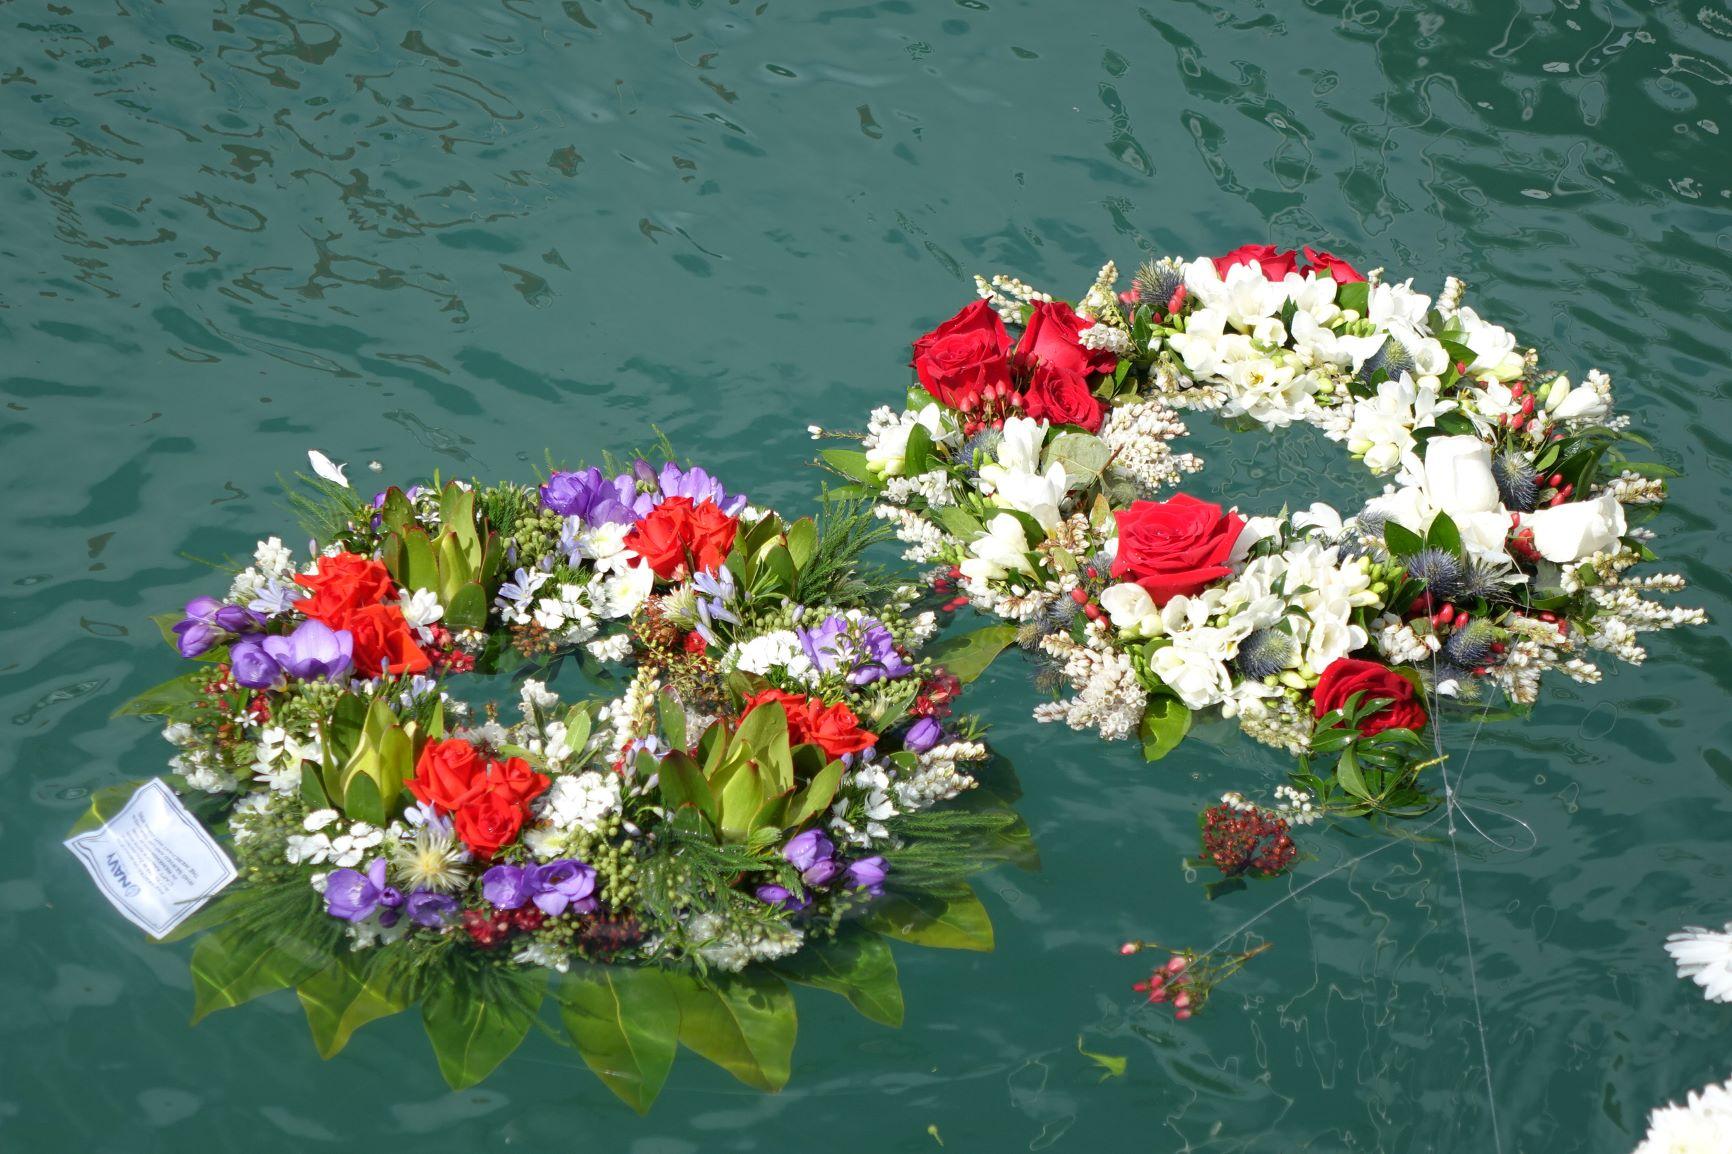 https://rfacdn.nz/maritime/assets/media/wreaths-in-water-1.jpg